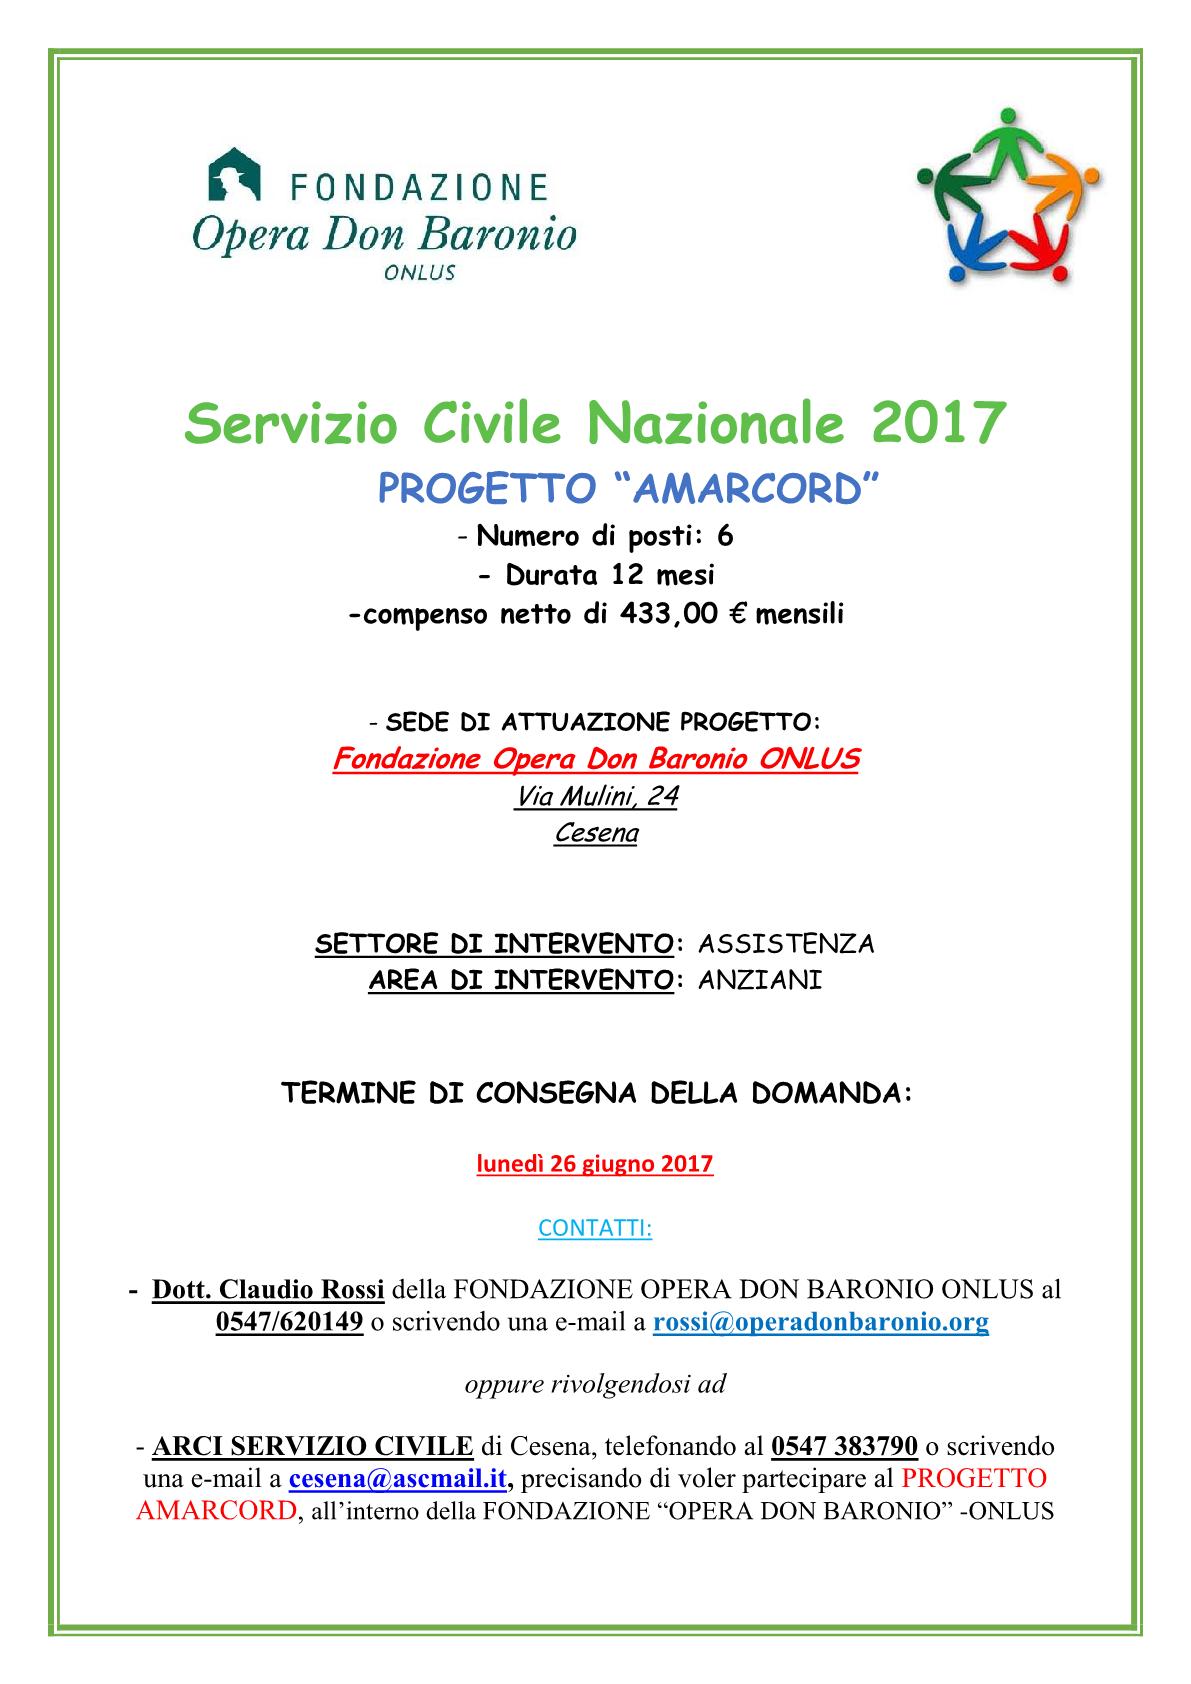 BANDO PER SERVIZIO CIVILE NAZIONALE 2017 PRESSO IL CENTRO RESIDENZIALE ANZIANI DELLA FONDAZIONE